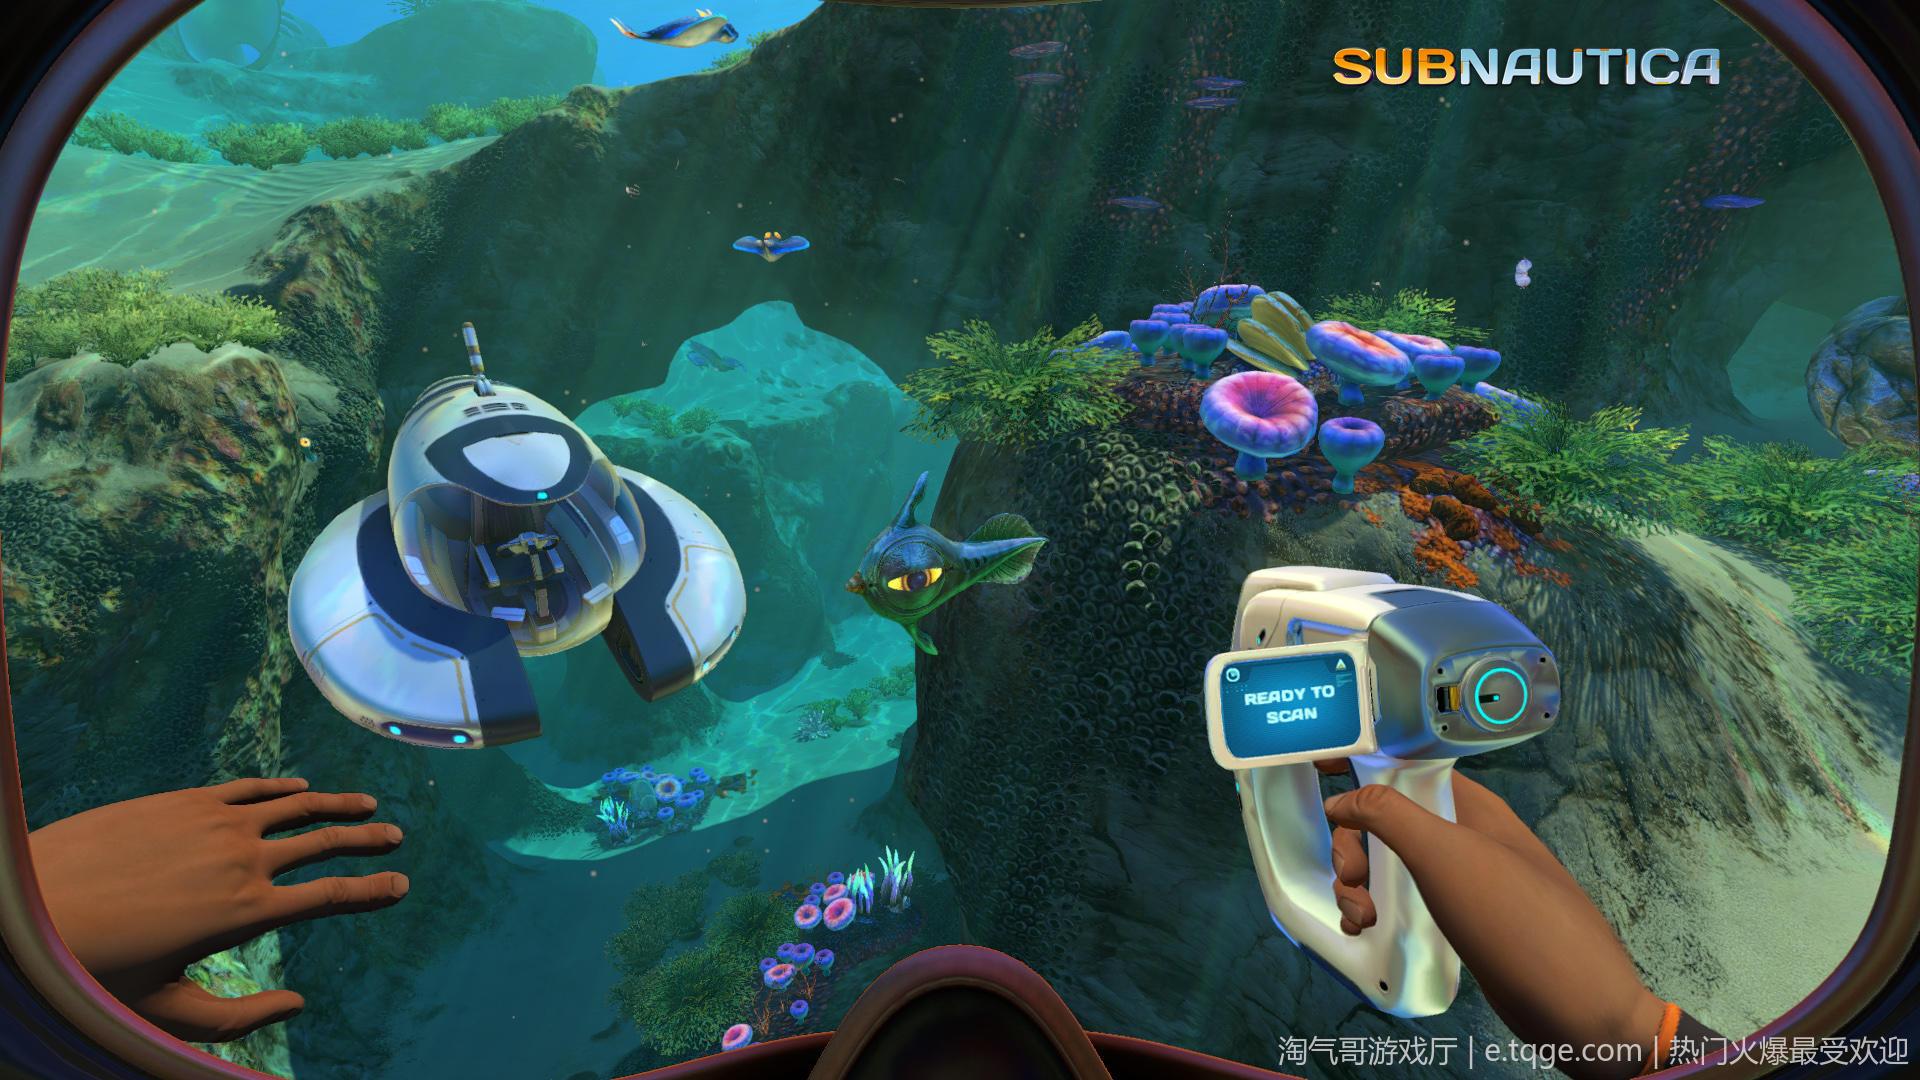 深海迷航/水下之旅/美丽水世界 动作冒险 第1张